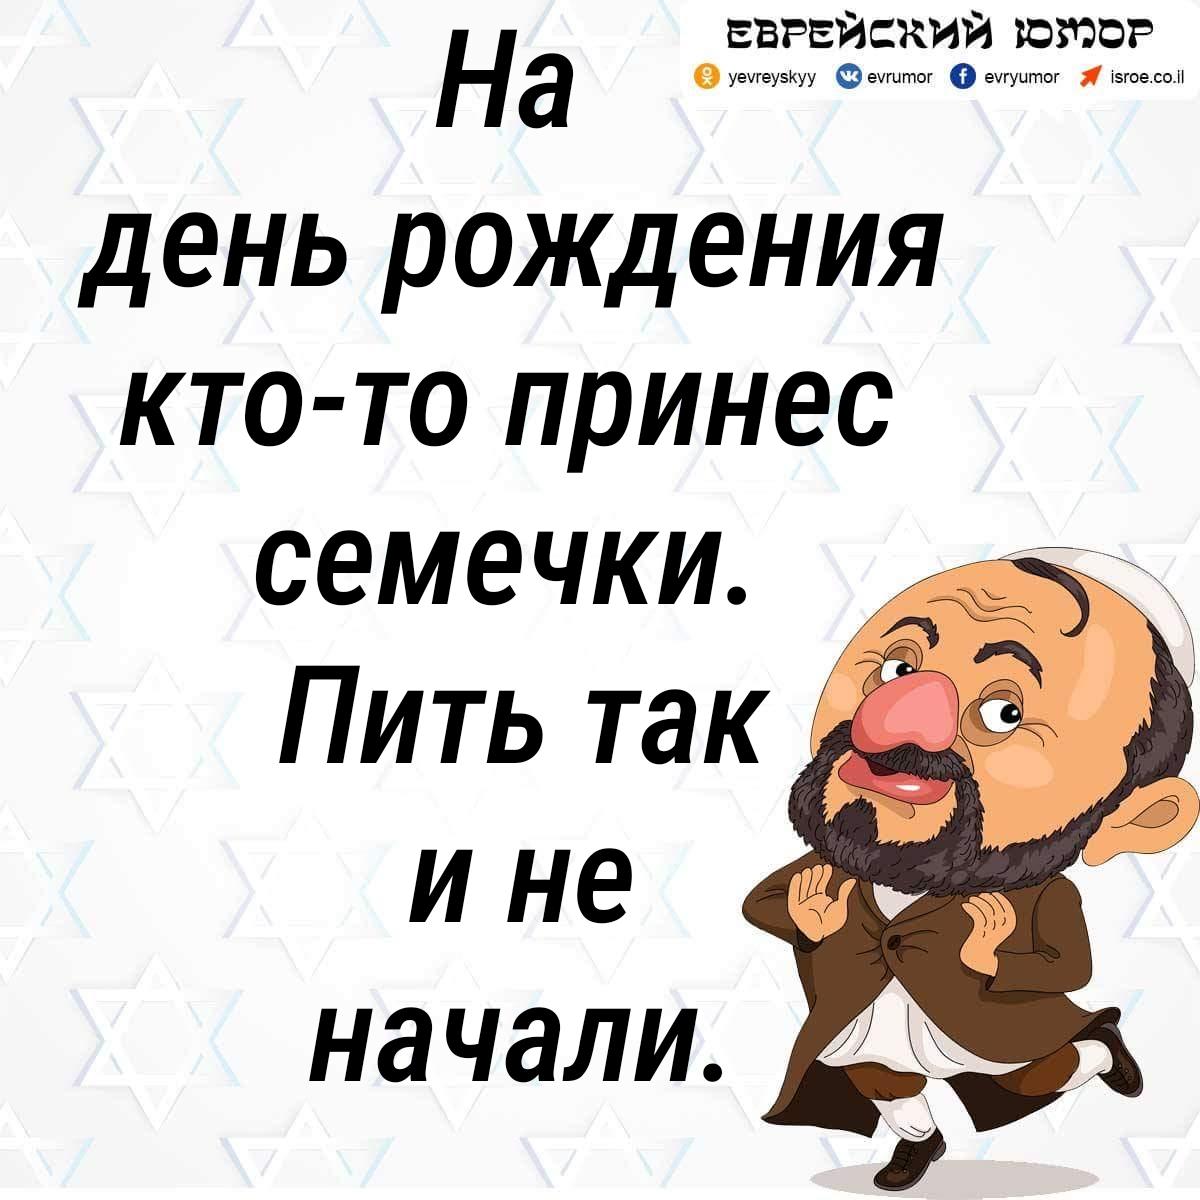 Еврейский юмор. Одесский анекдот. Семечки